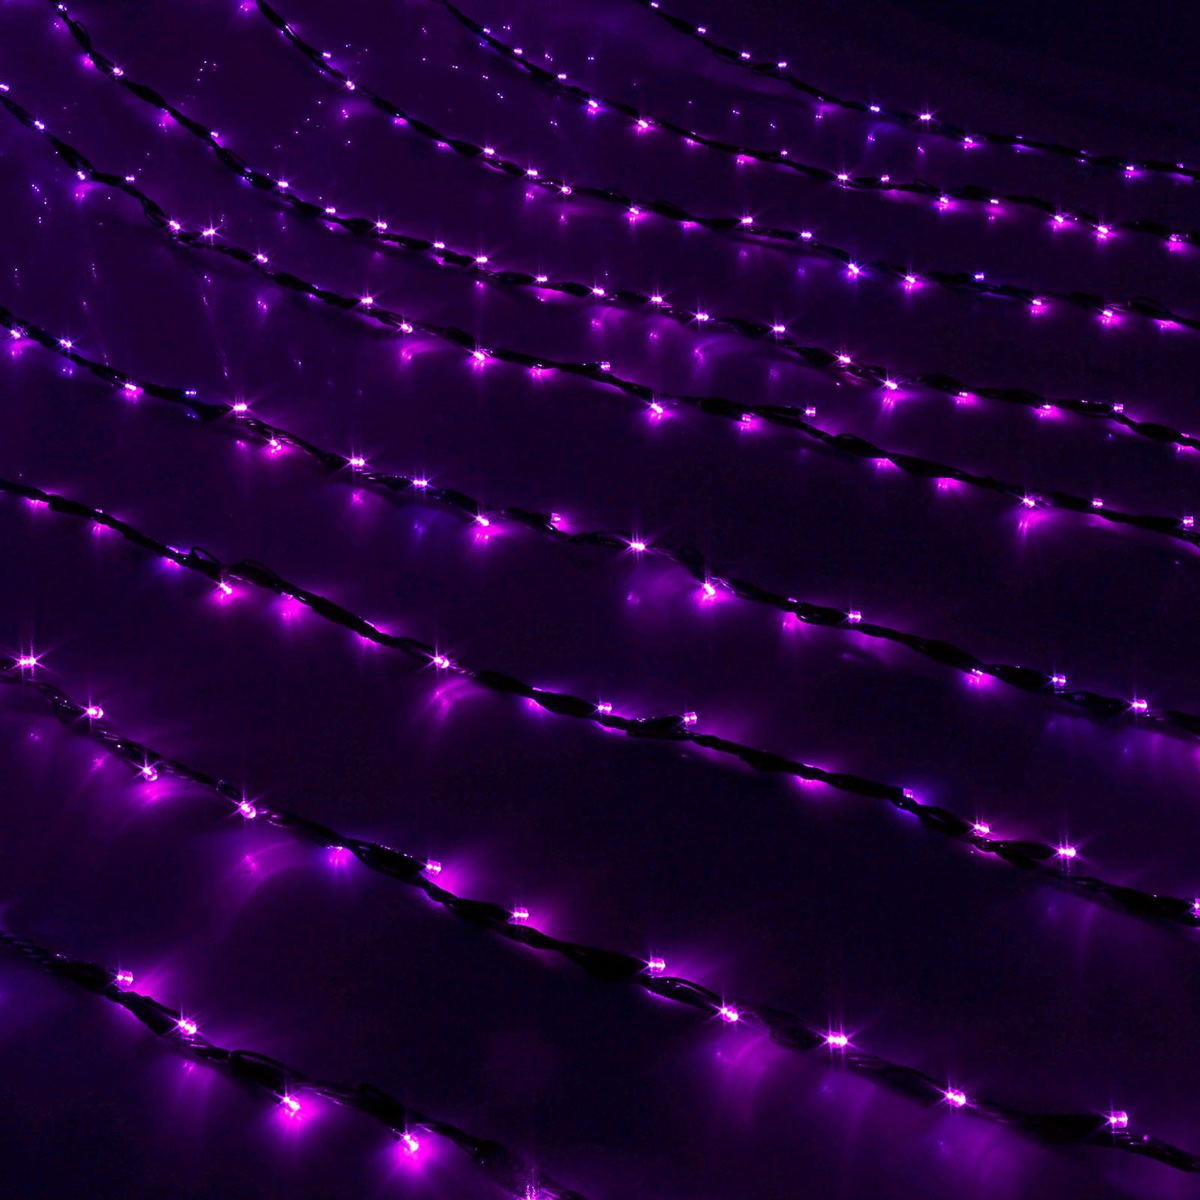 Гирлянда светодиодная Luazon Дождь, уличная, 8 режимов, 400 ламп, 220 V, цвет: фиолетовый, 2 х 1,5 м. 187297 гирлянда luazon дождь 2m 1 5m multicolor 671638